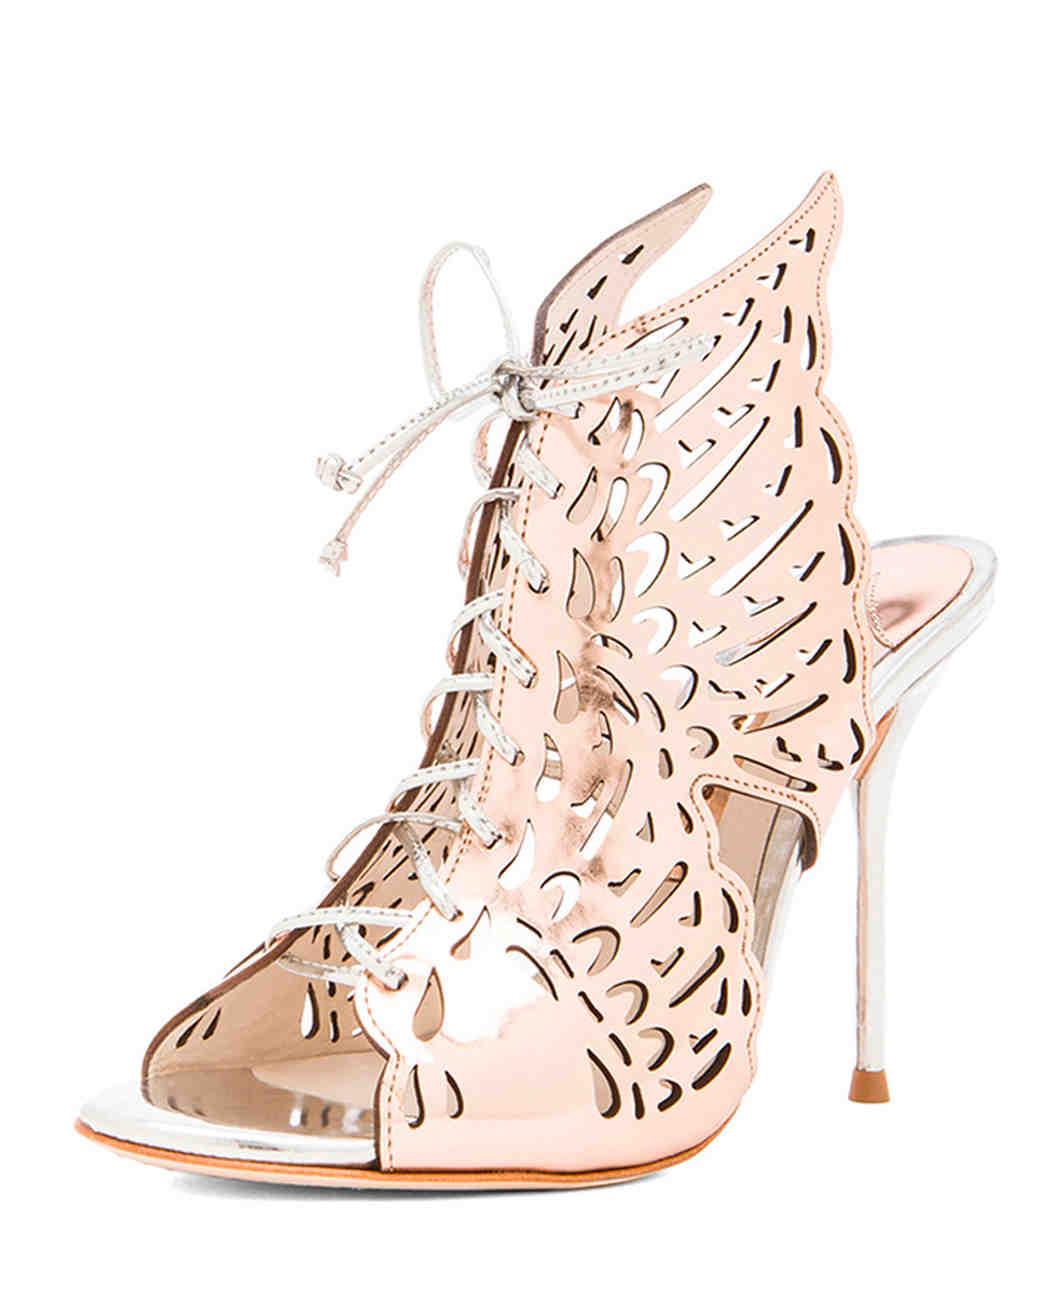 summer-wedding-shoes-sophia-webster-cherub-heels-0515.jpg